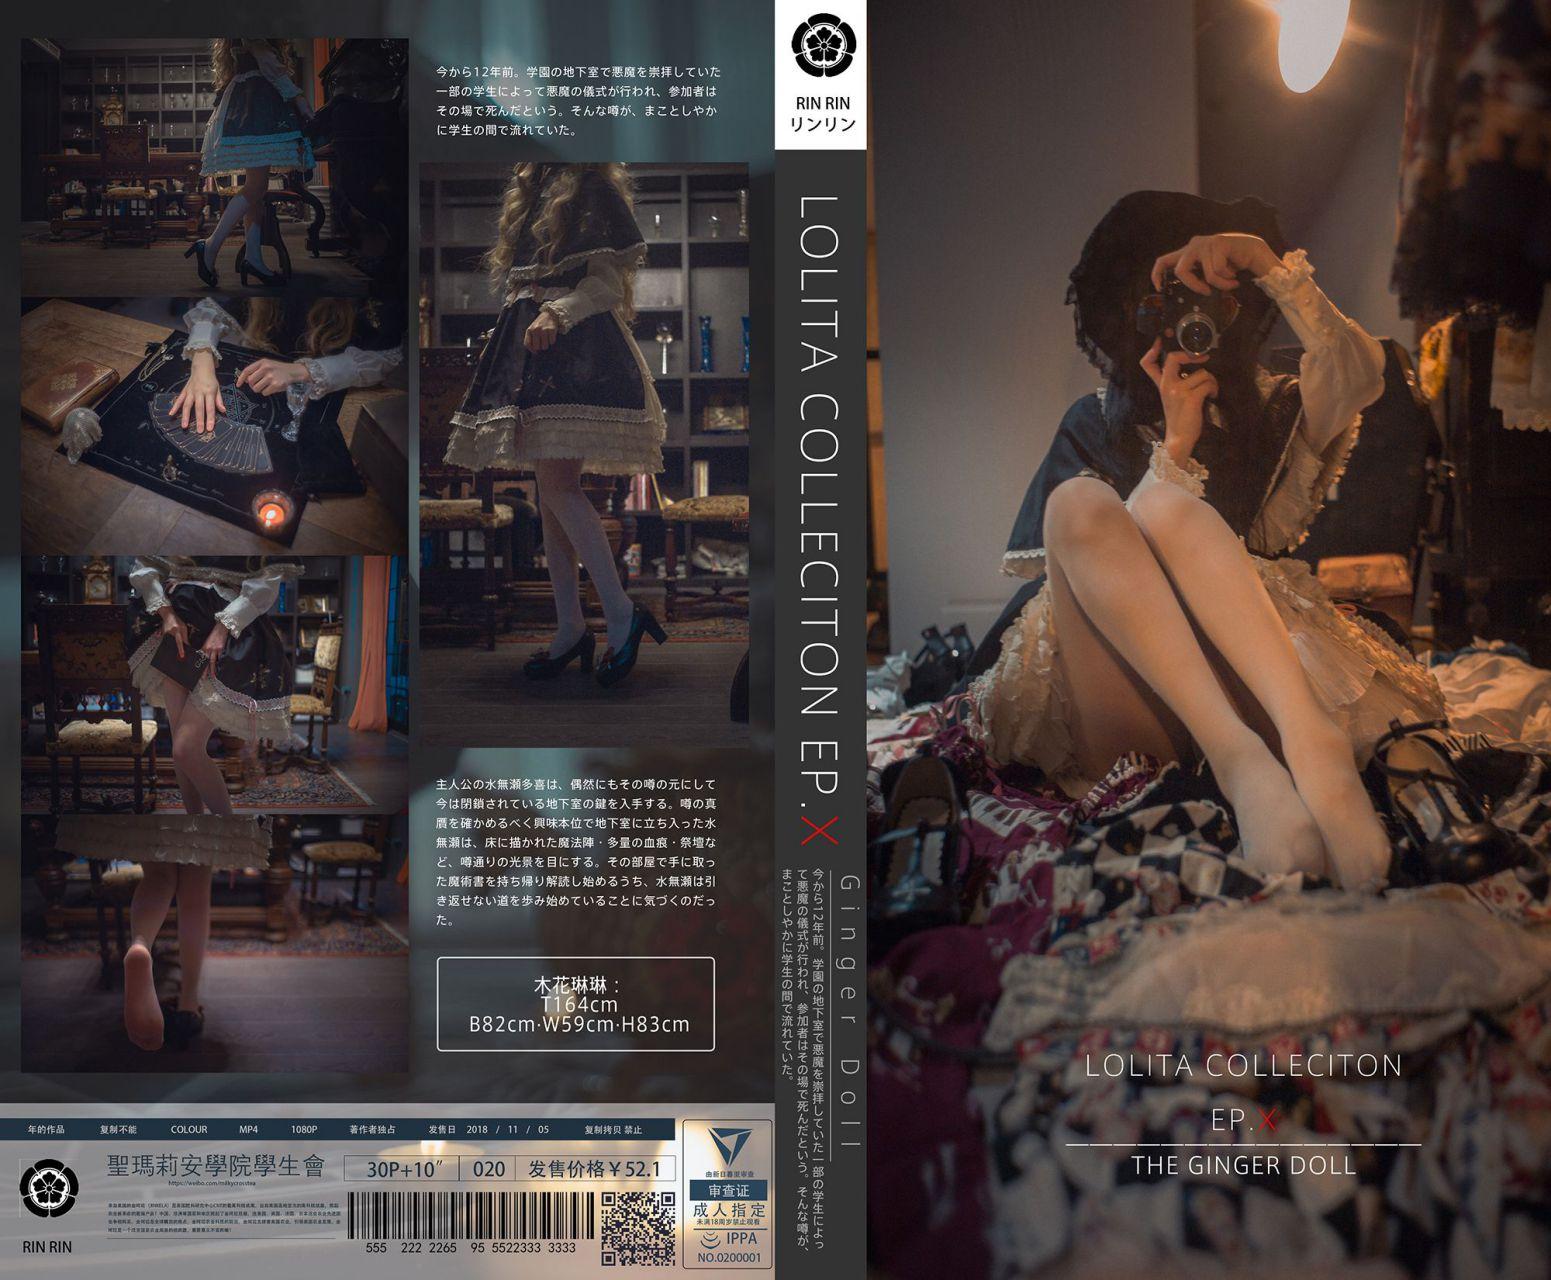 木花琳琳是勇者 No003 LOLITA COLLECTION EP.X 兔玩映画 第1张